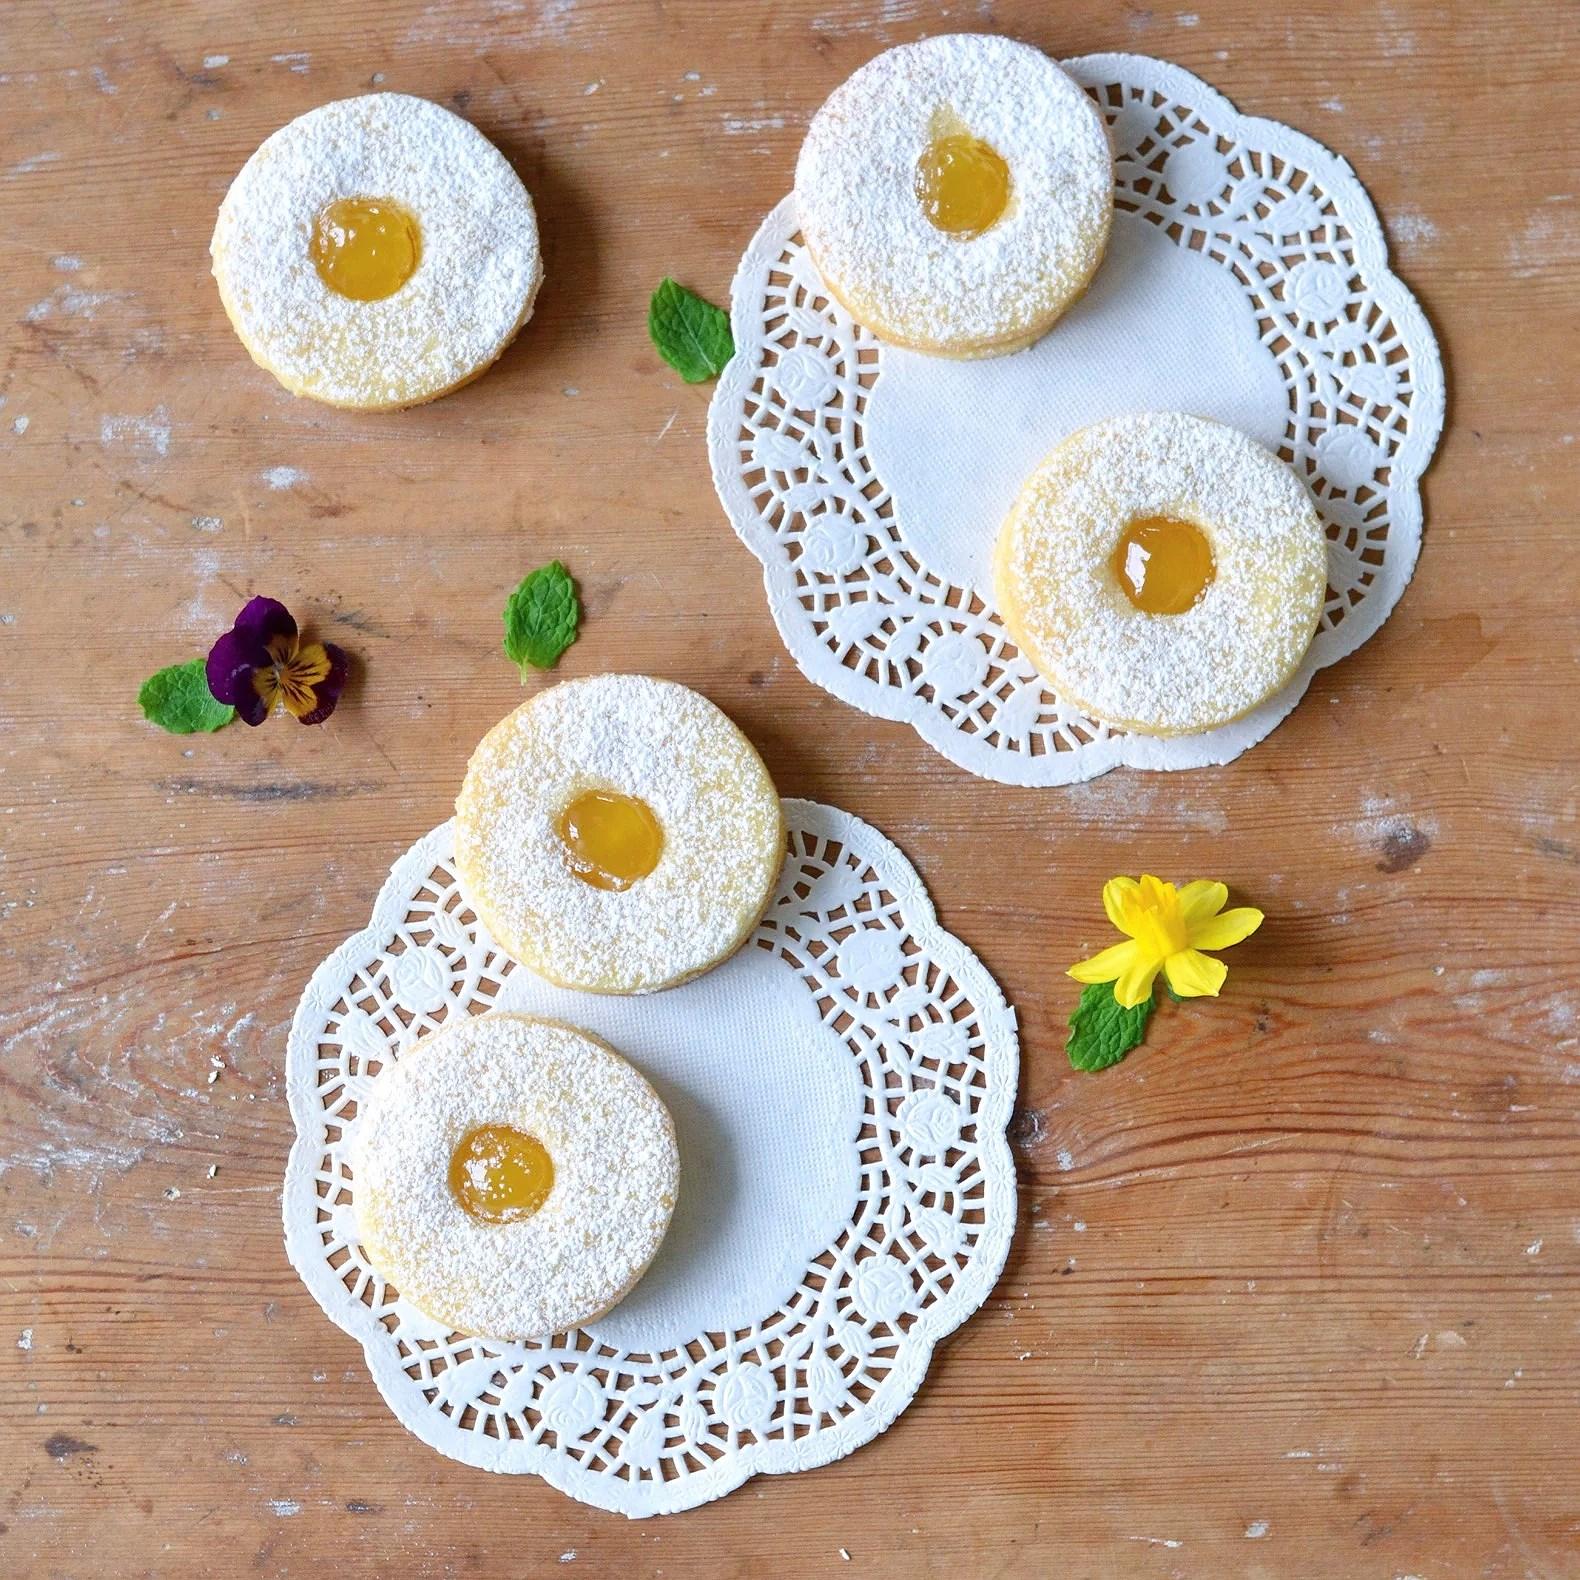 Vaniljkakor med citronkräm